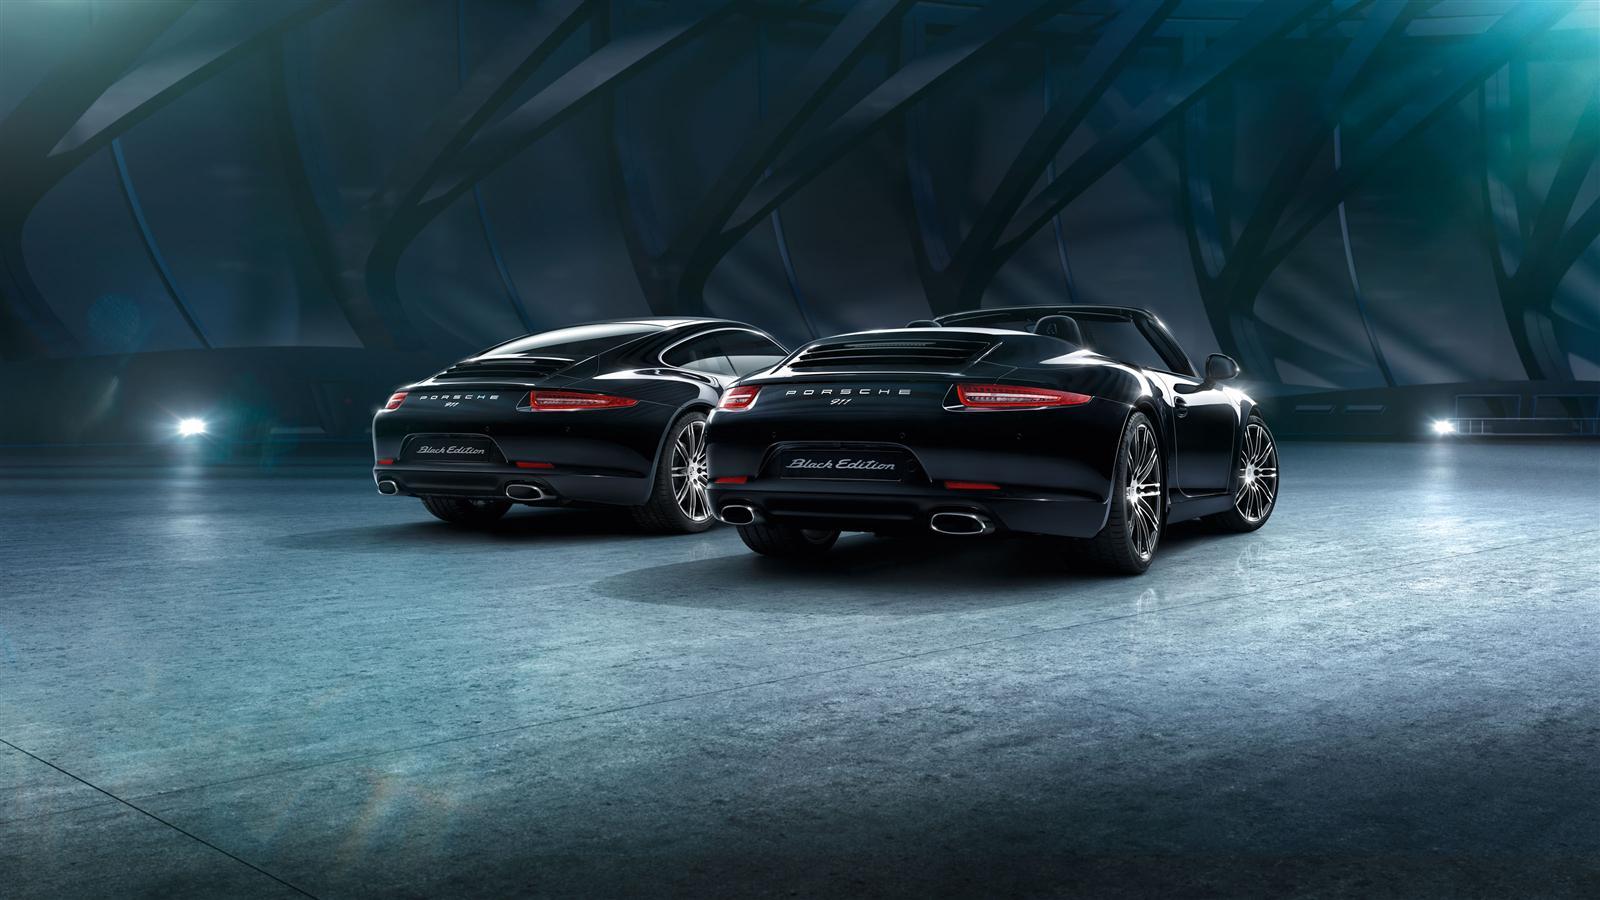 porsche 911 carrera black edition 14 - 911 Porsche Black